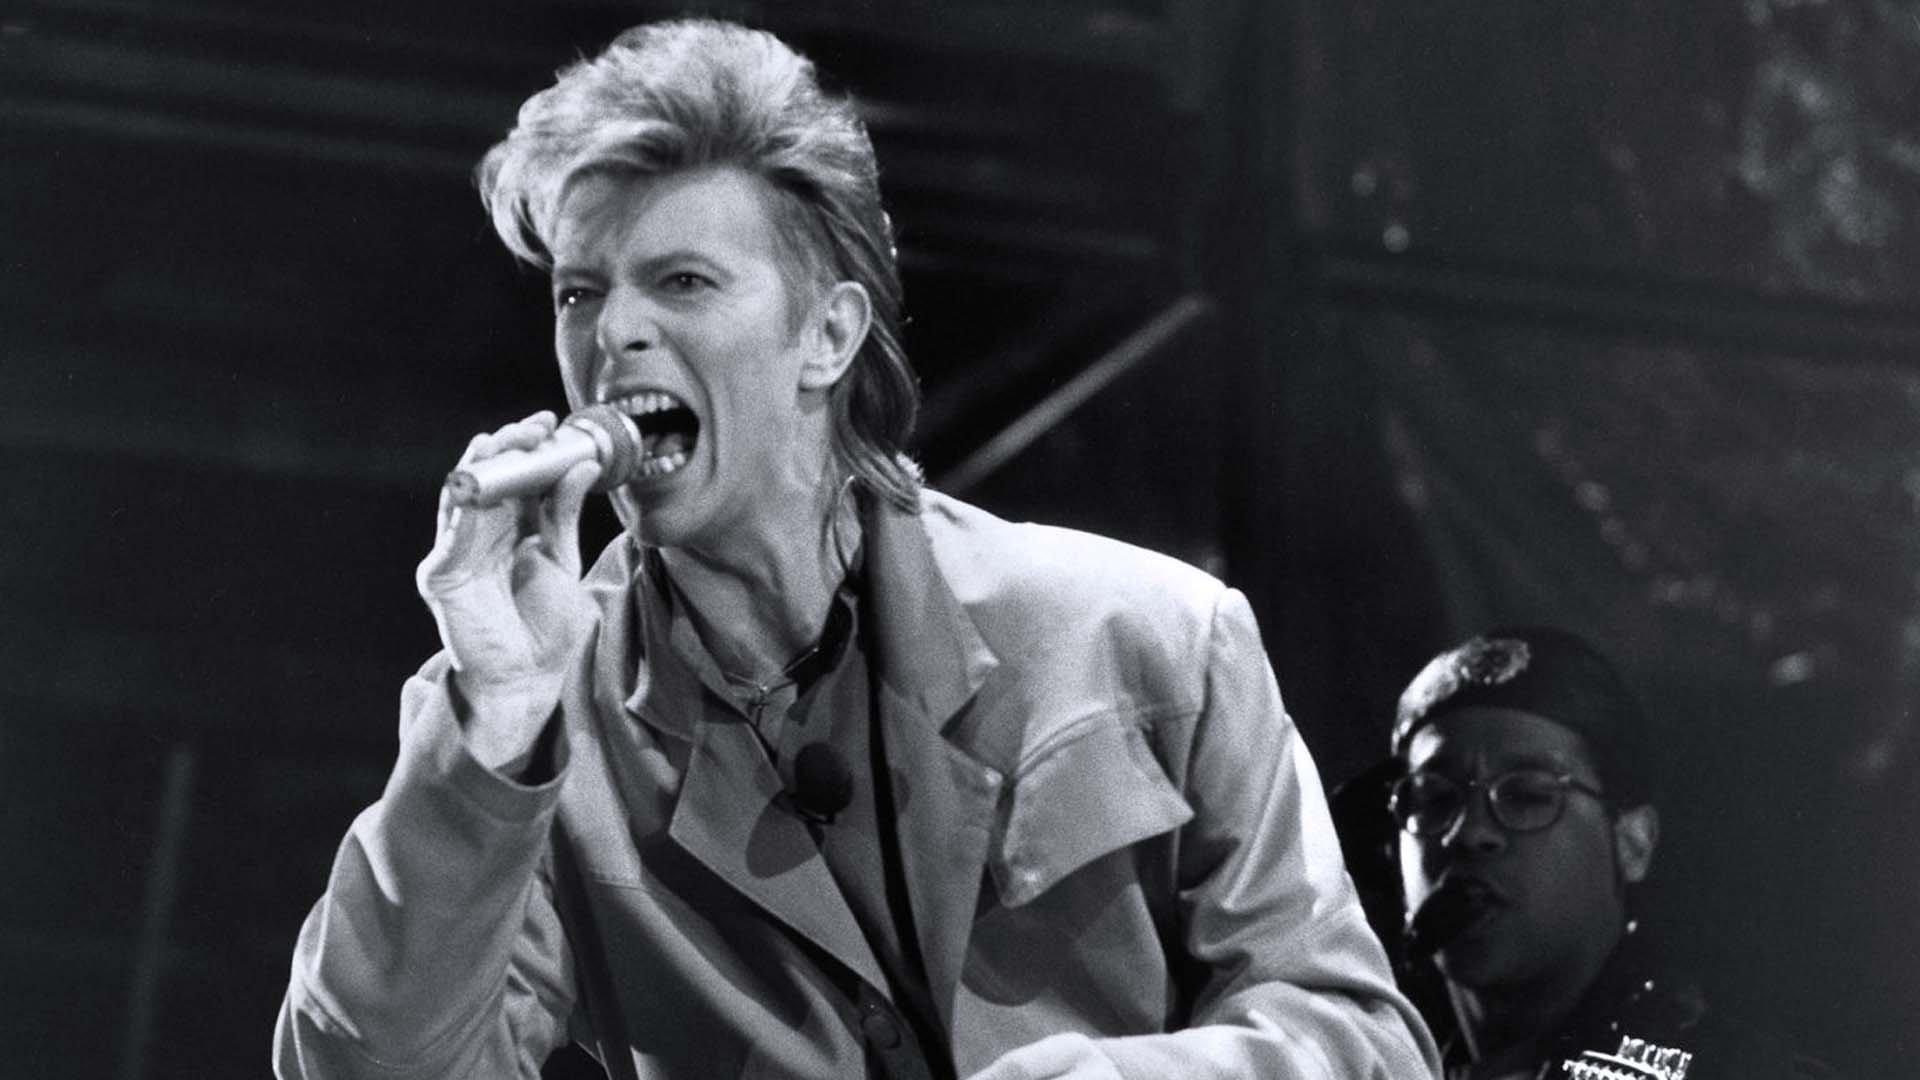 David Bowie portò Iggy Pop in tournée per Station to Station